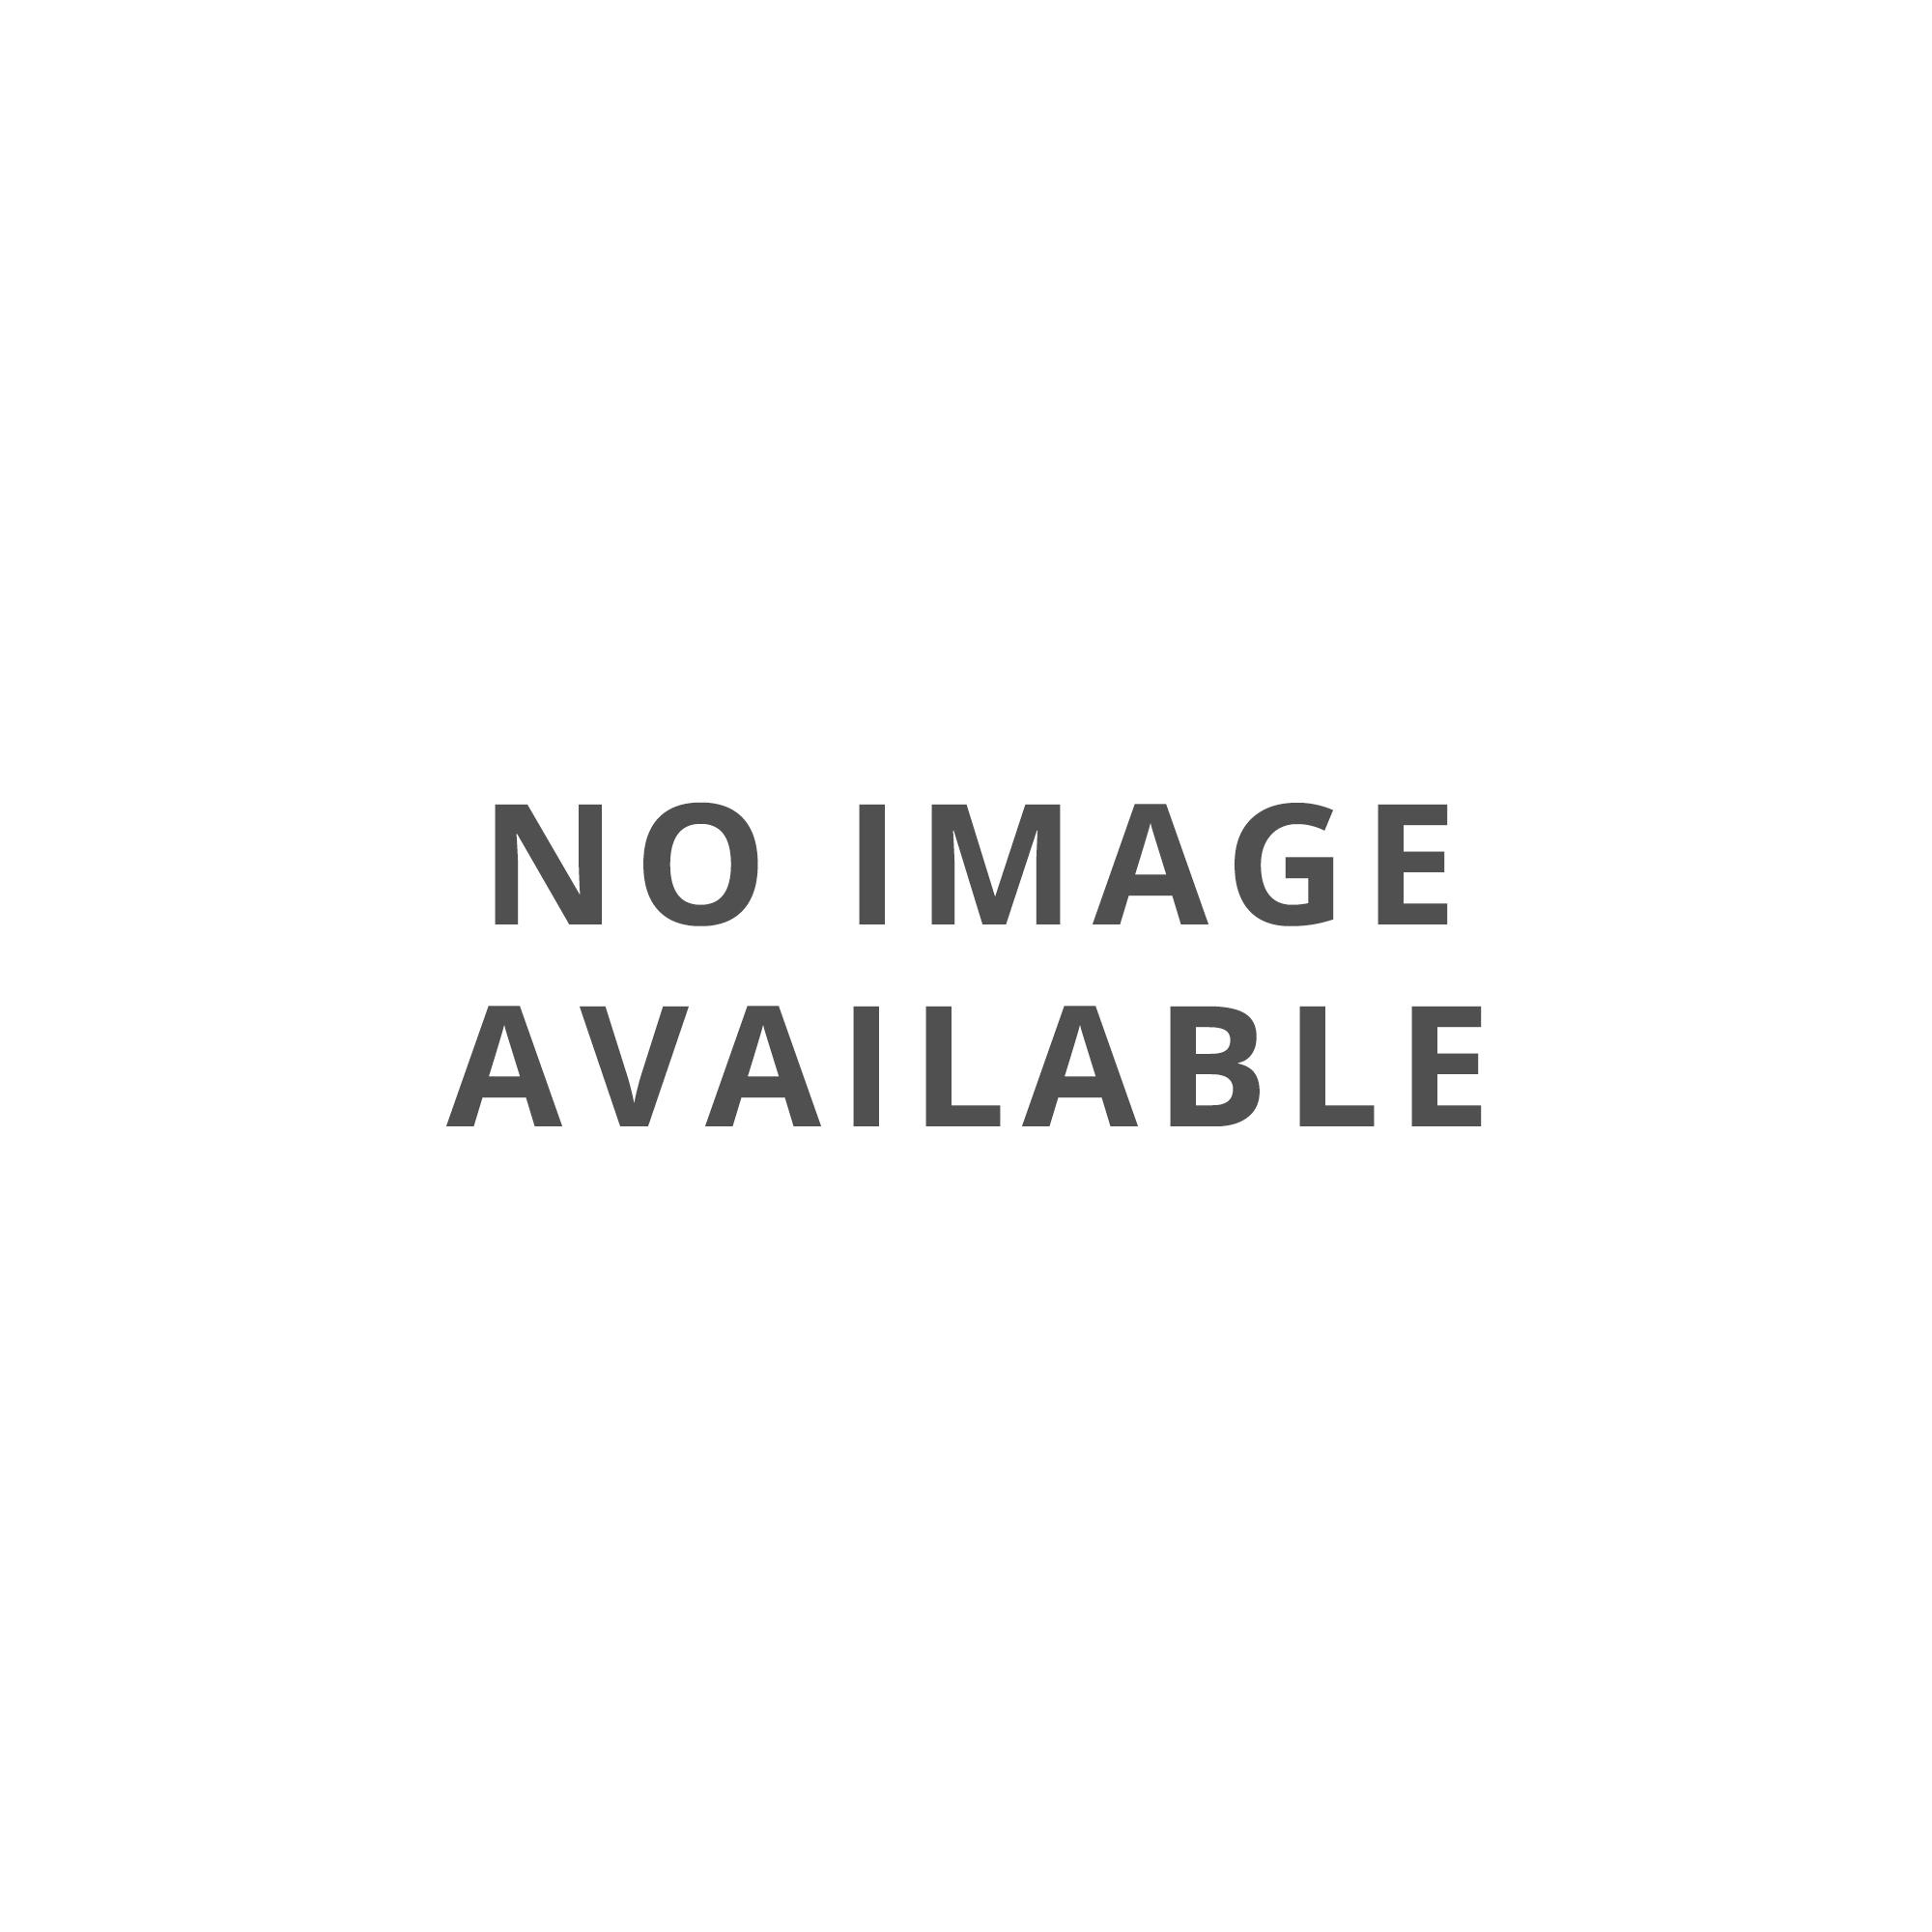 CDA Stainless Steel Round Drainer Kitchen Sink - CDA from TAPS UK